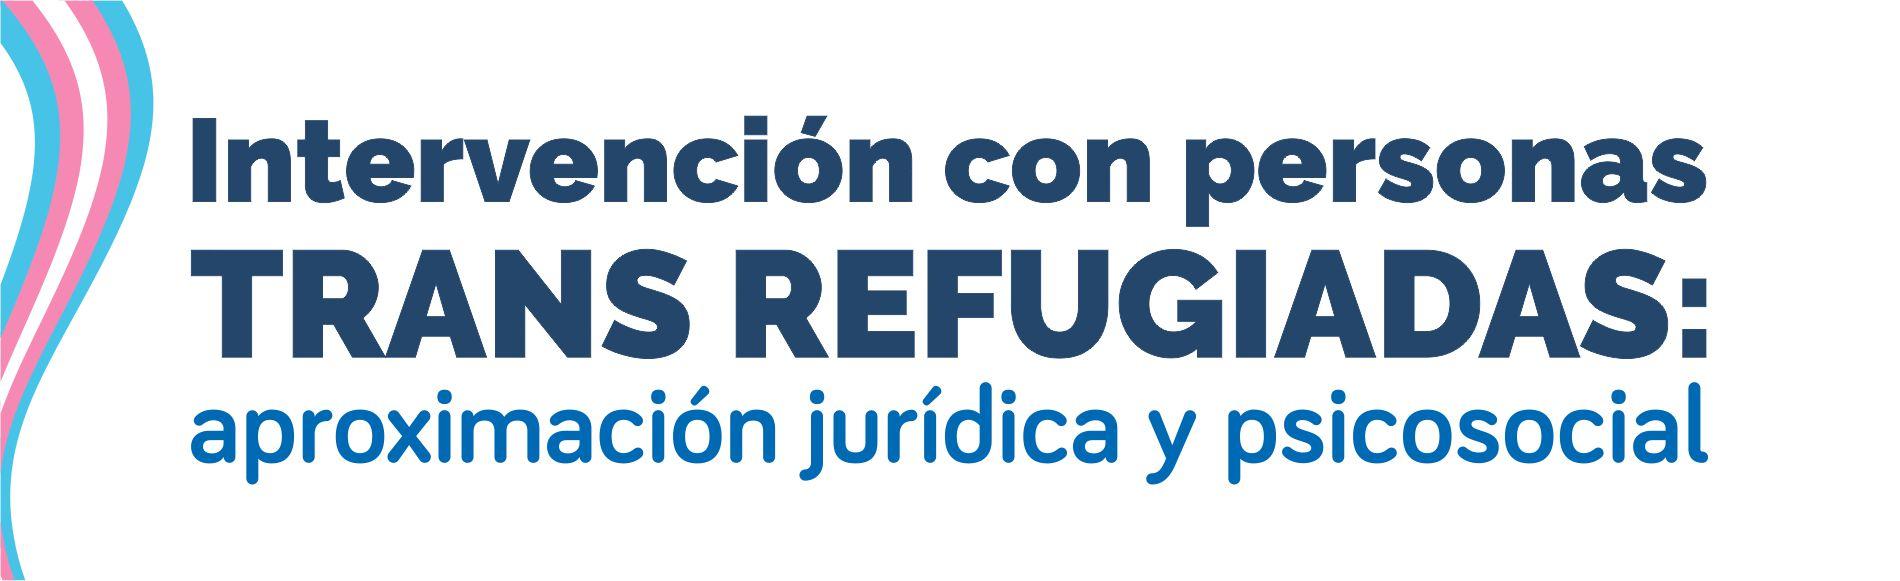 Intervención con personas trans refugiadas: aproximación jurídica y psicosocial